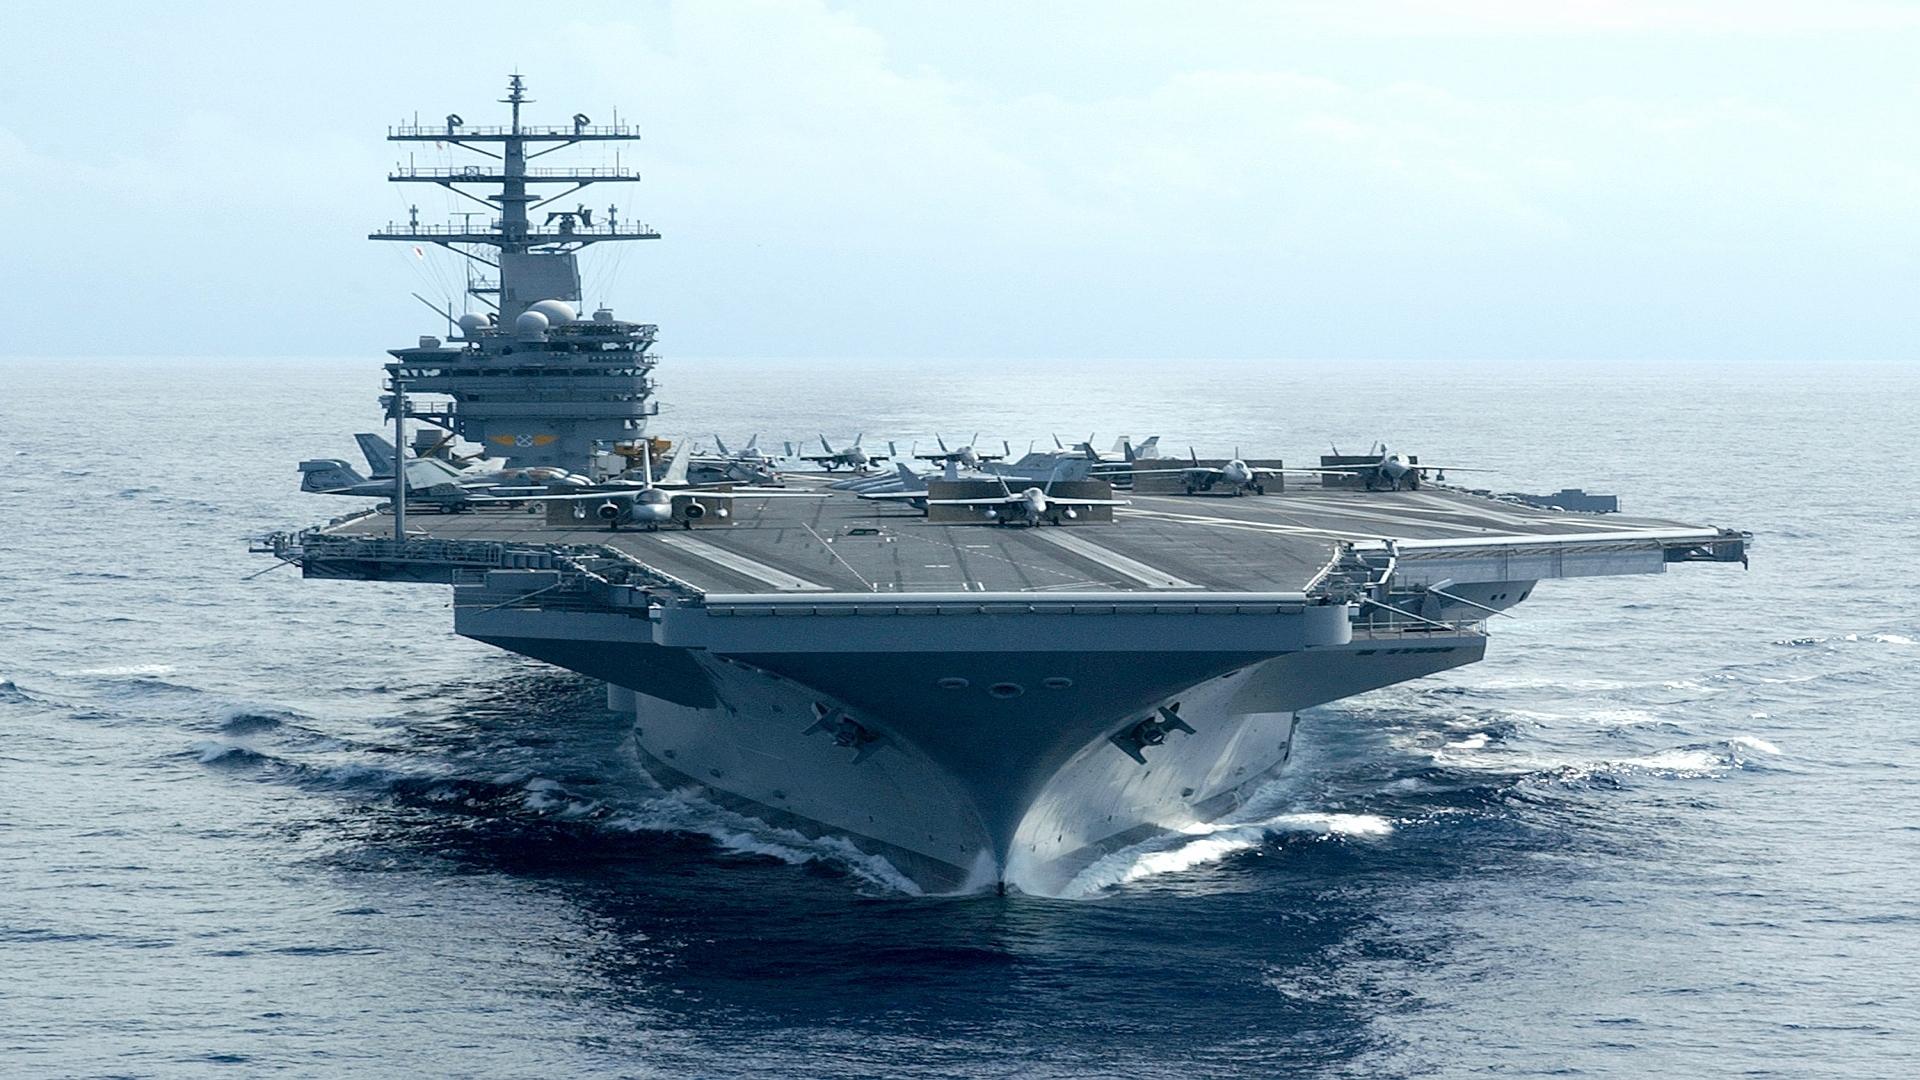 us navy screensavers and wallpaper - photo #4